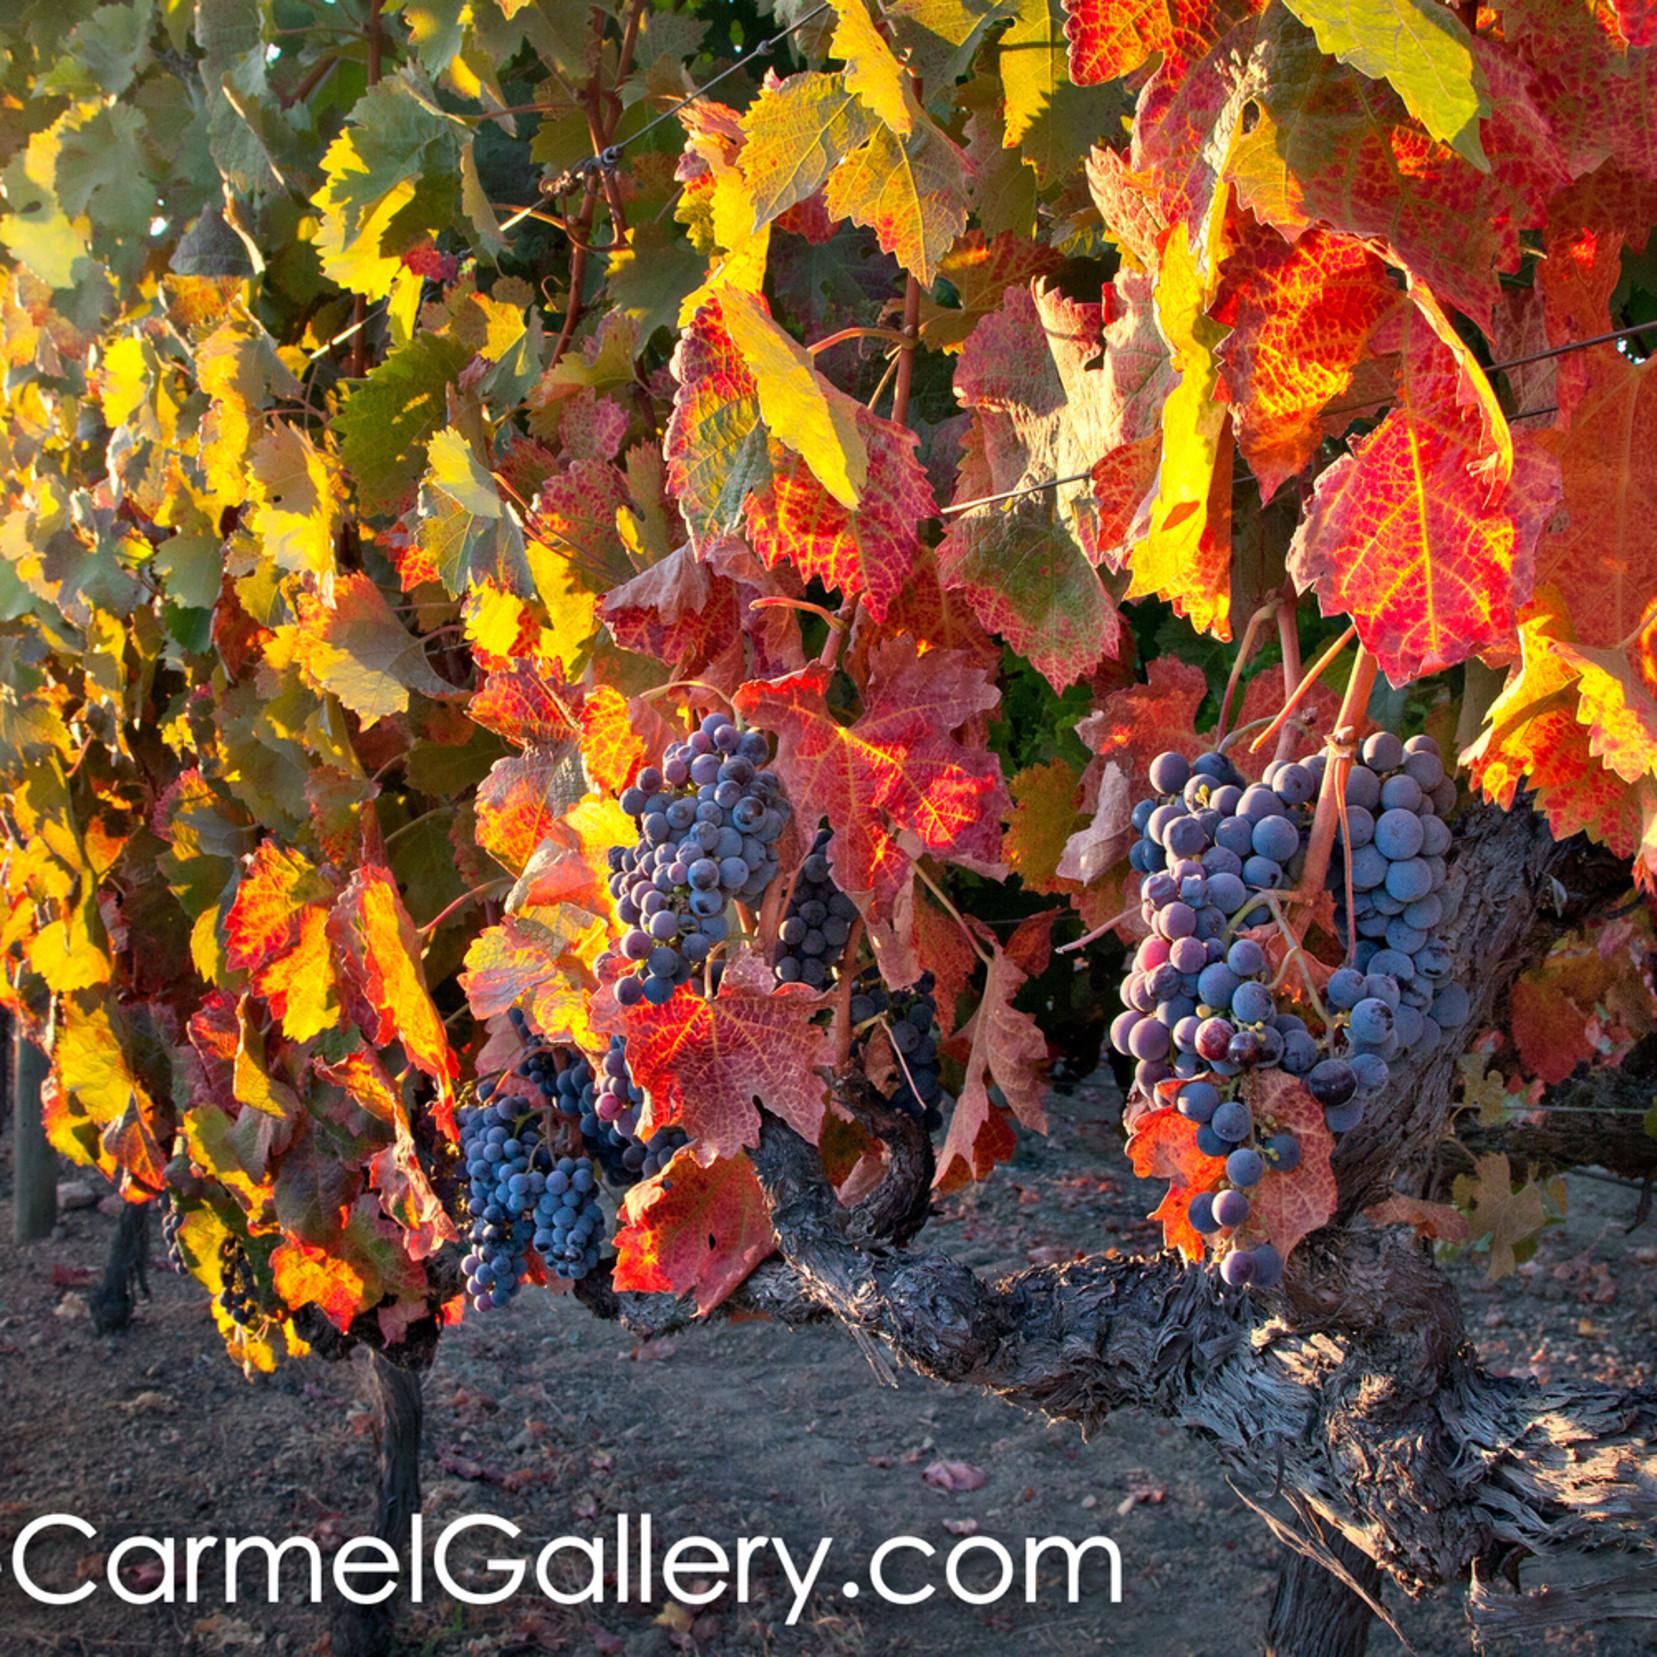 Autumn harvest or9m3d